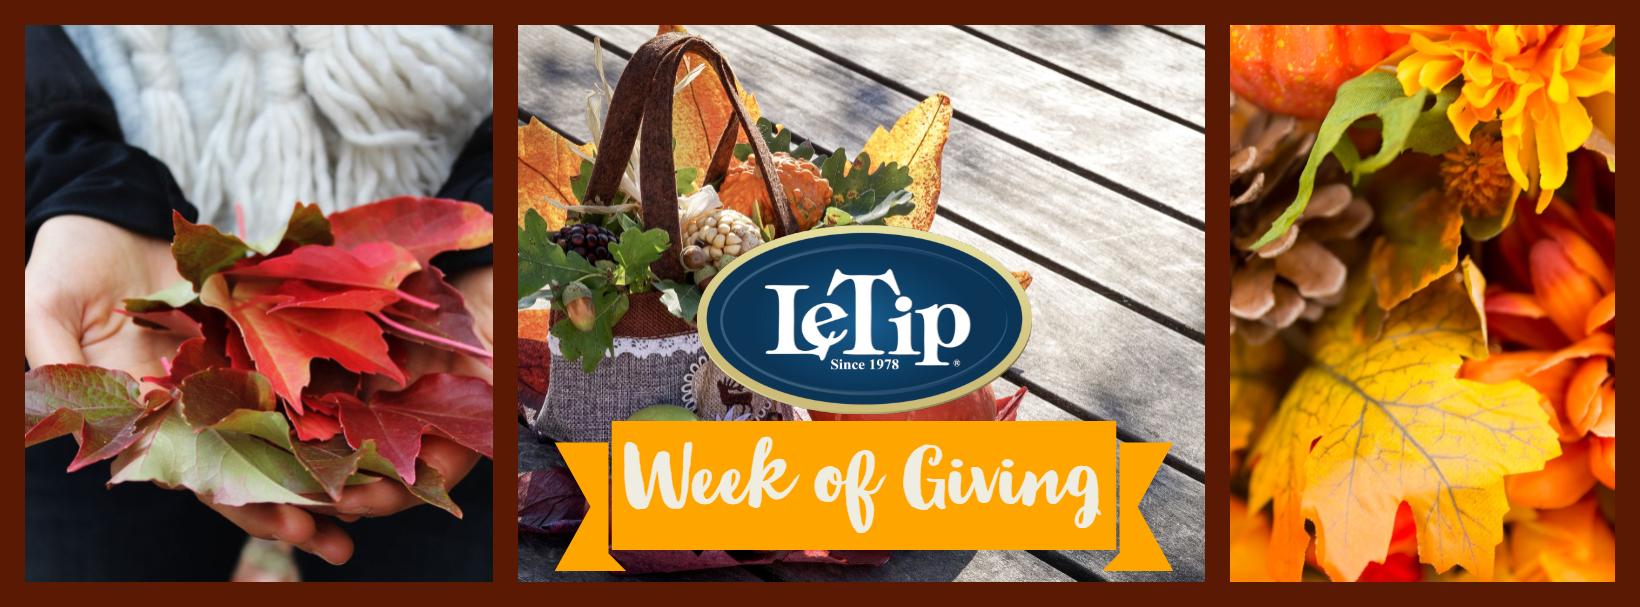 LeTip's Week of Giving